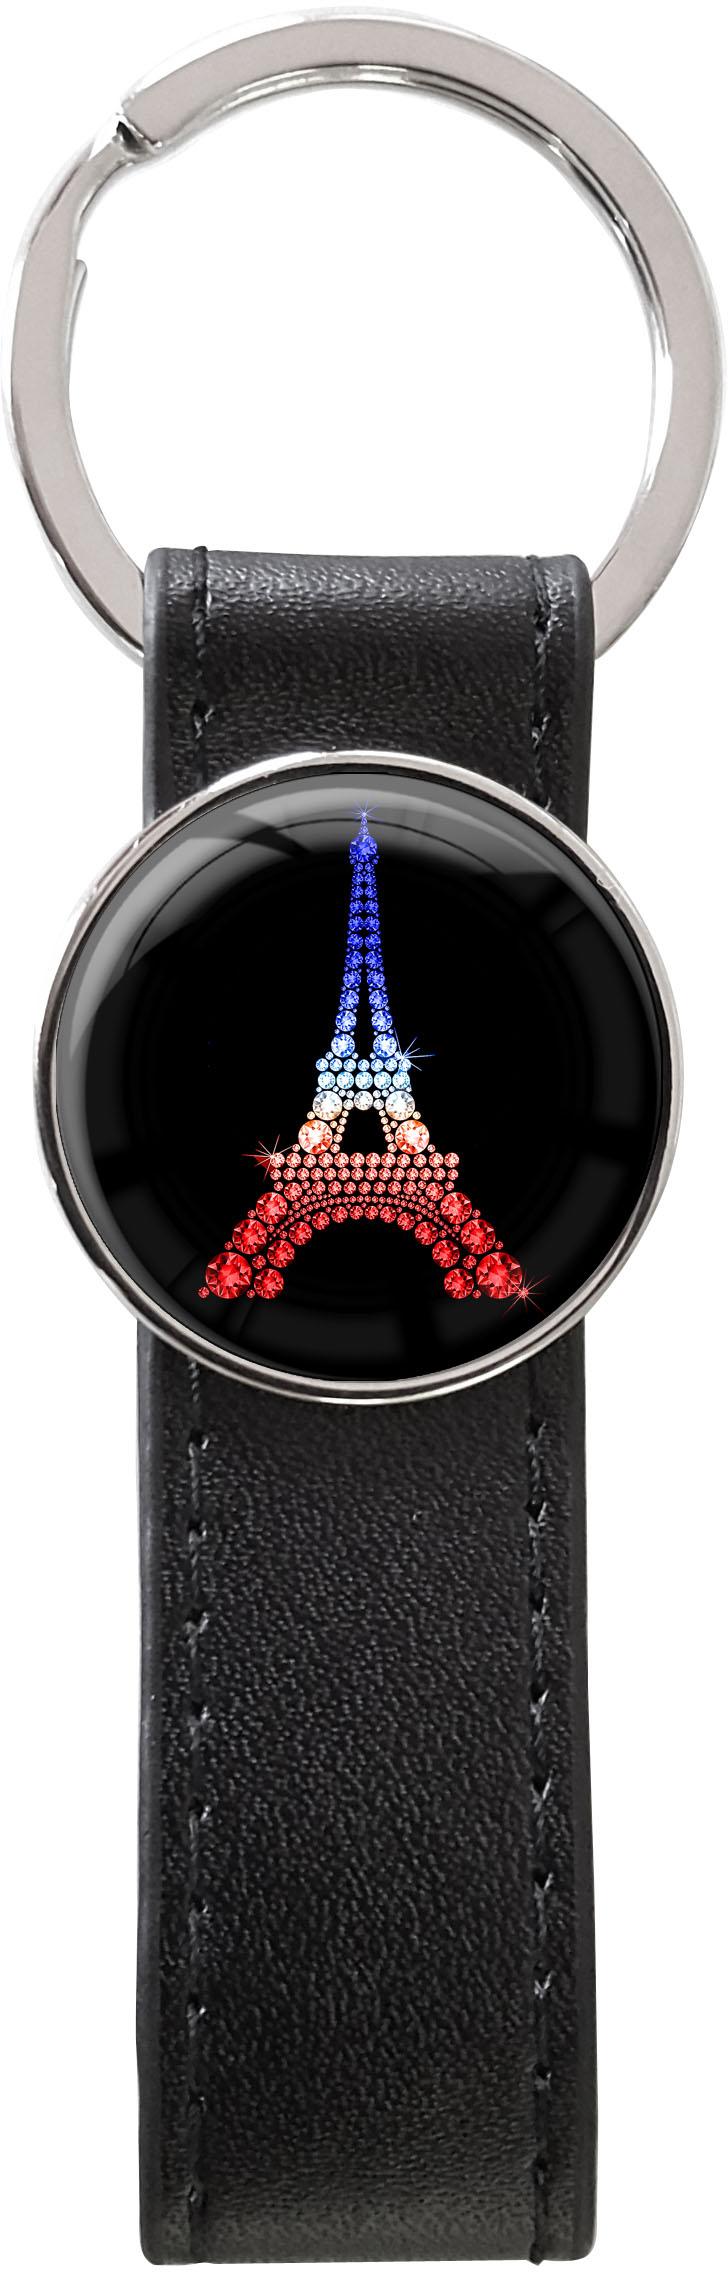 Schlüsselanhänger PU - Leder / Eiffelturm Tricolore